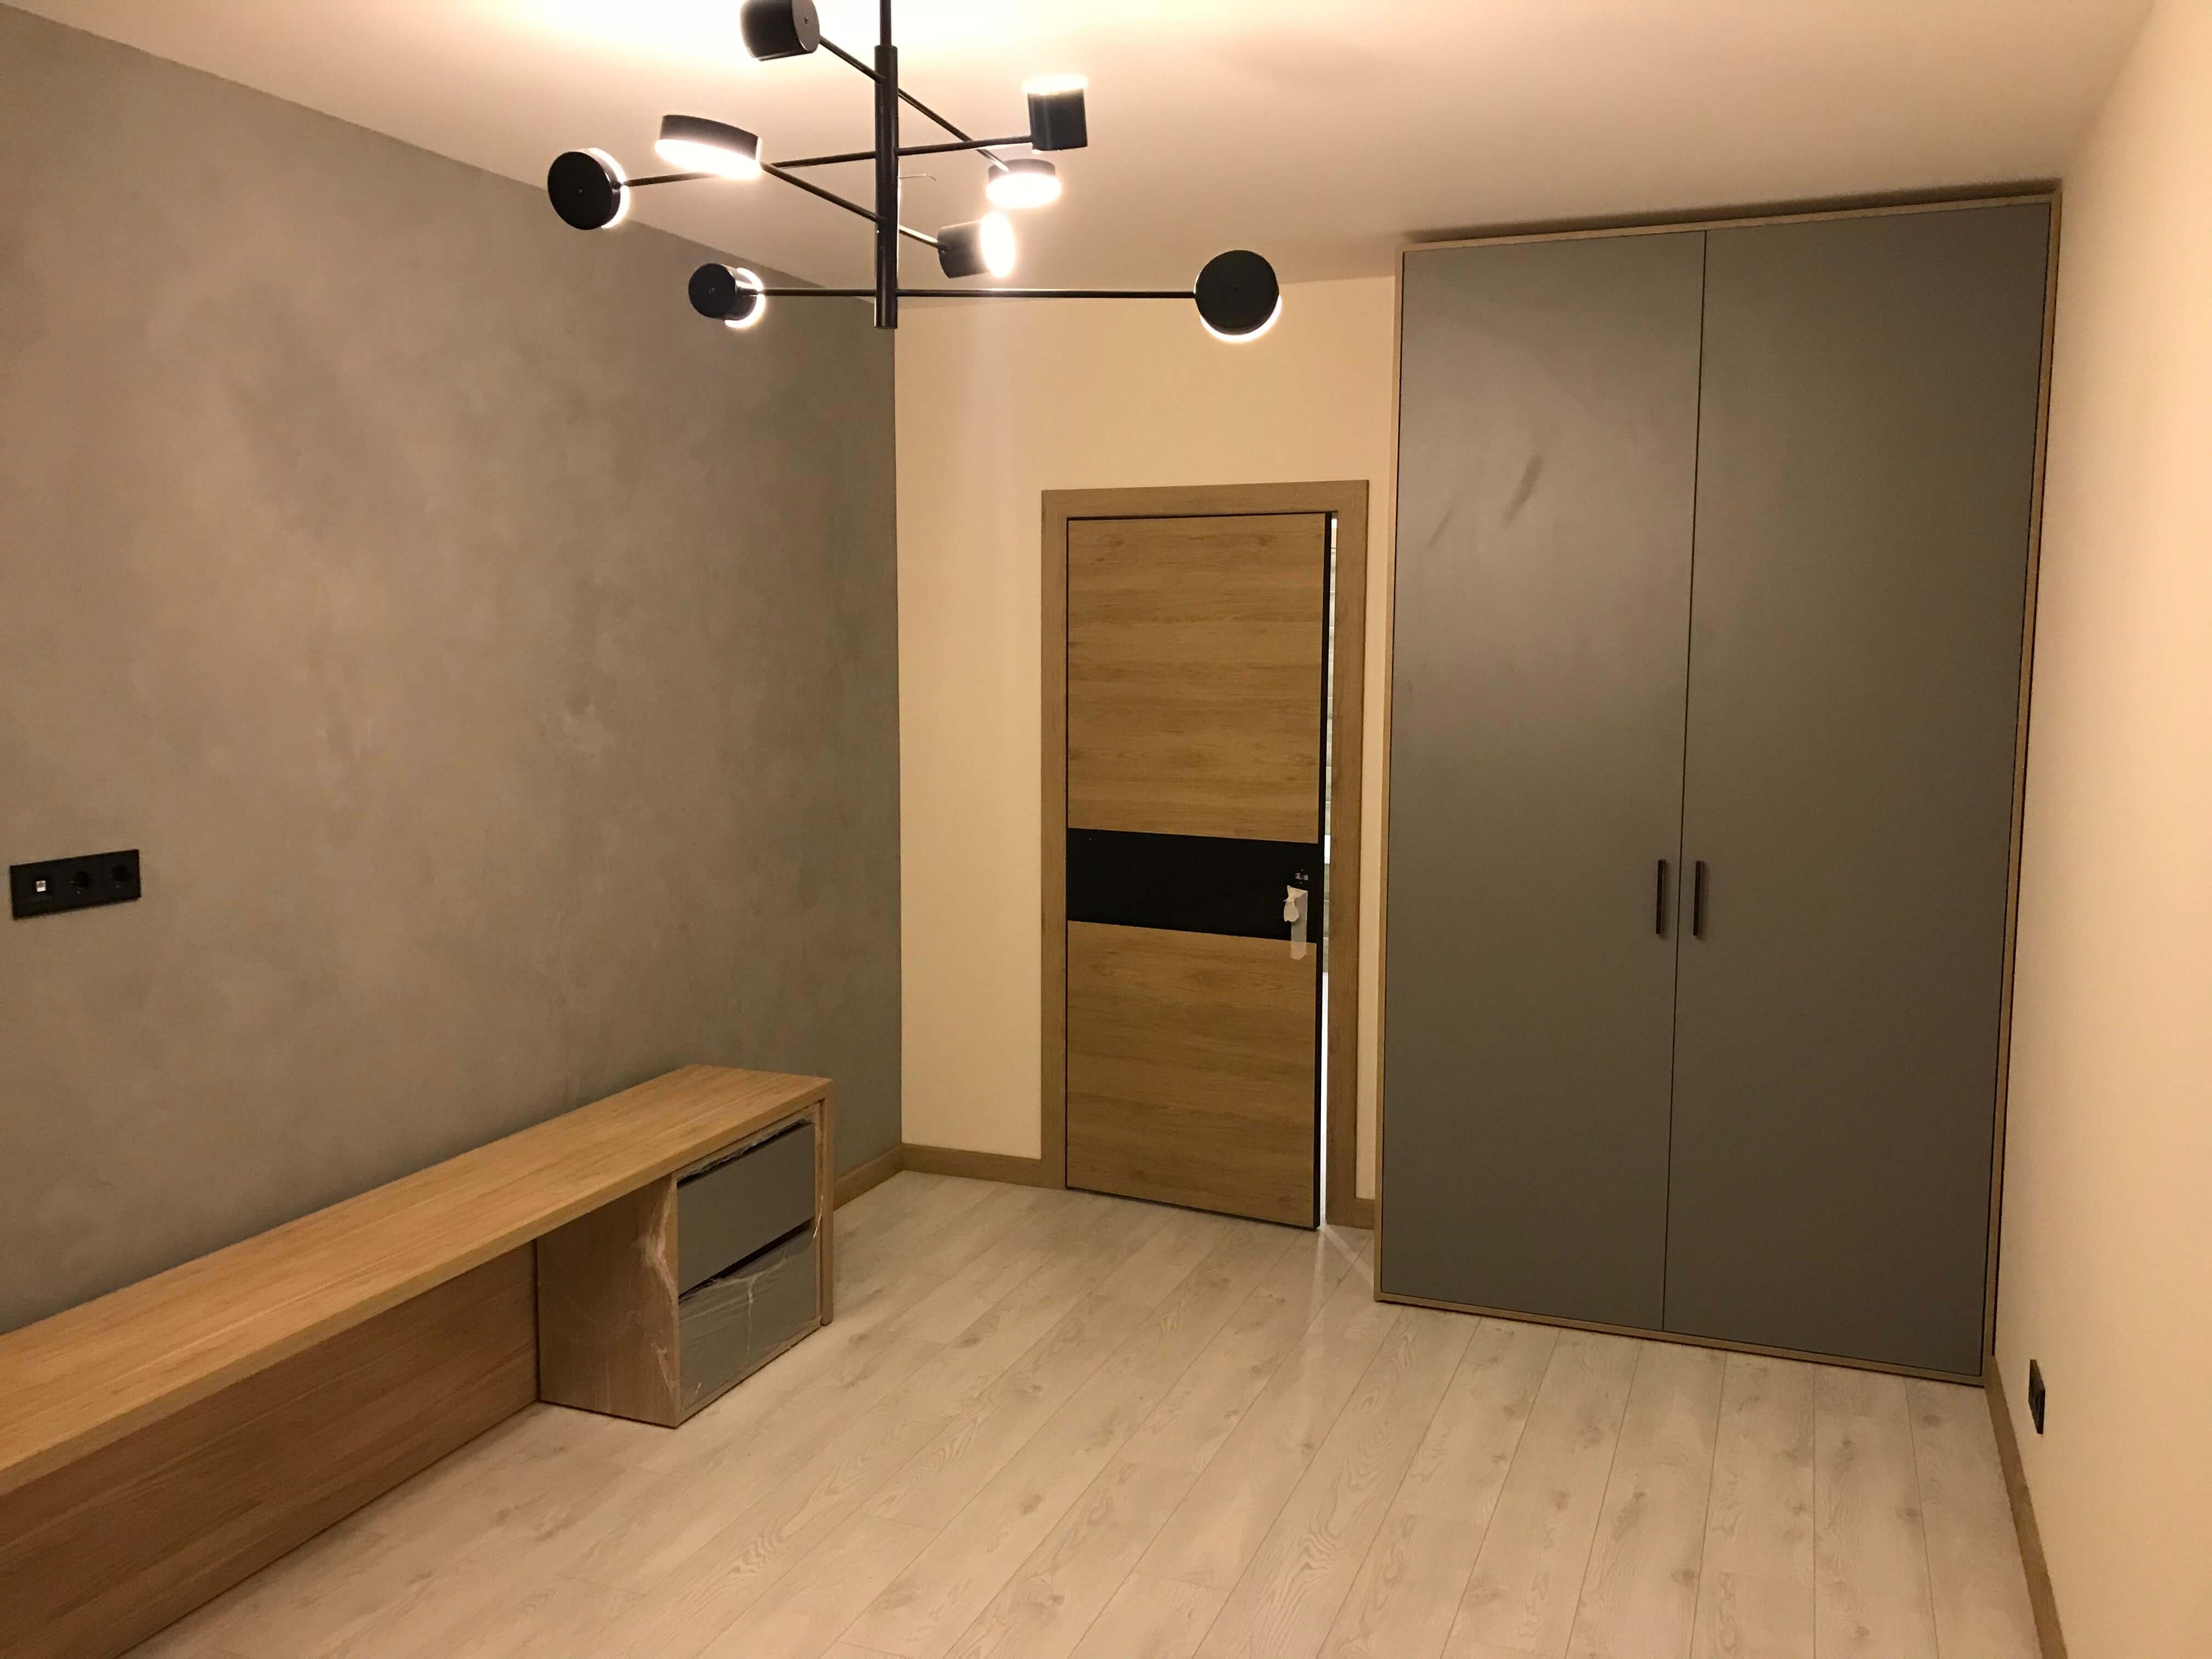 комната с уже готовым ремонтом и мебелью